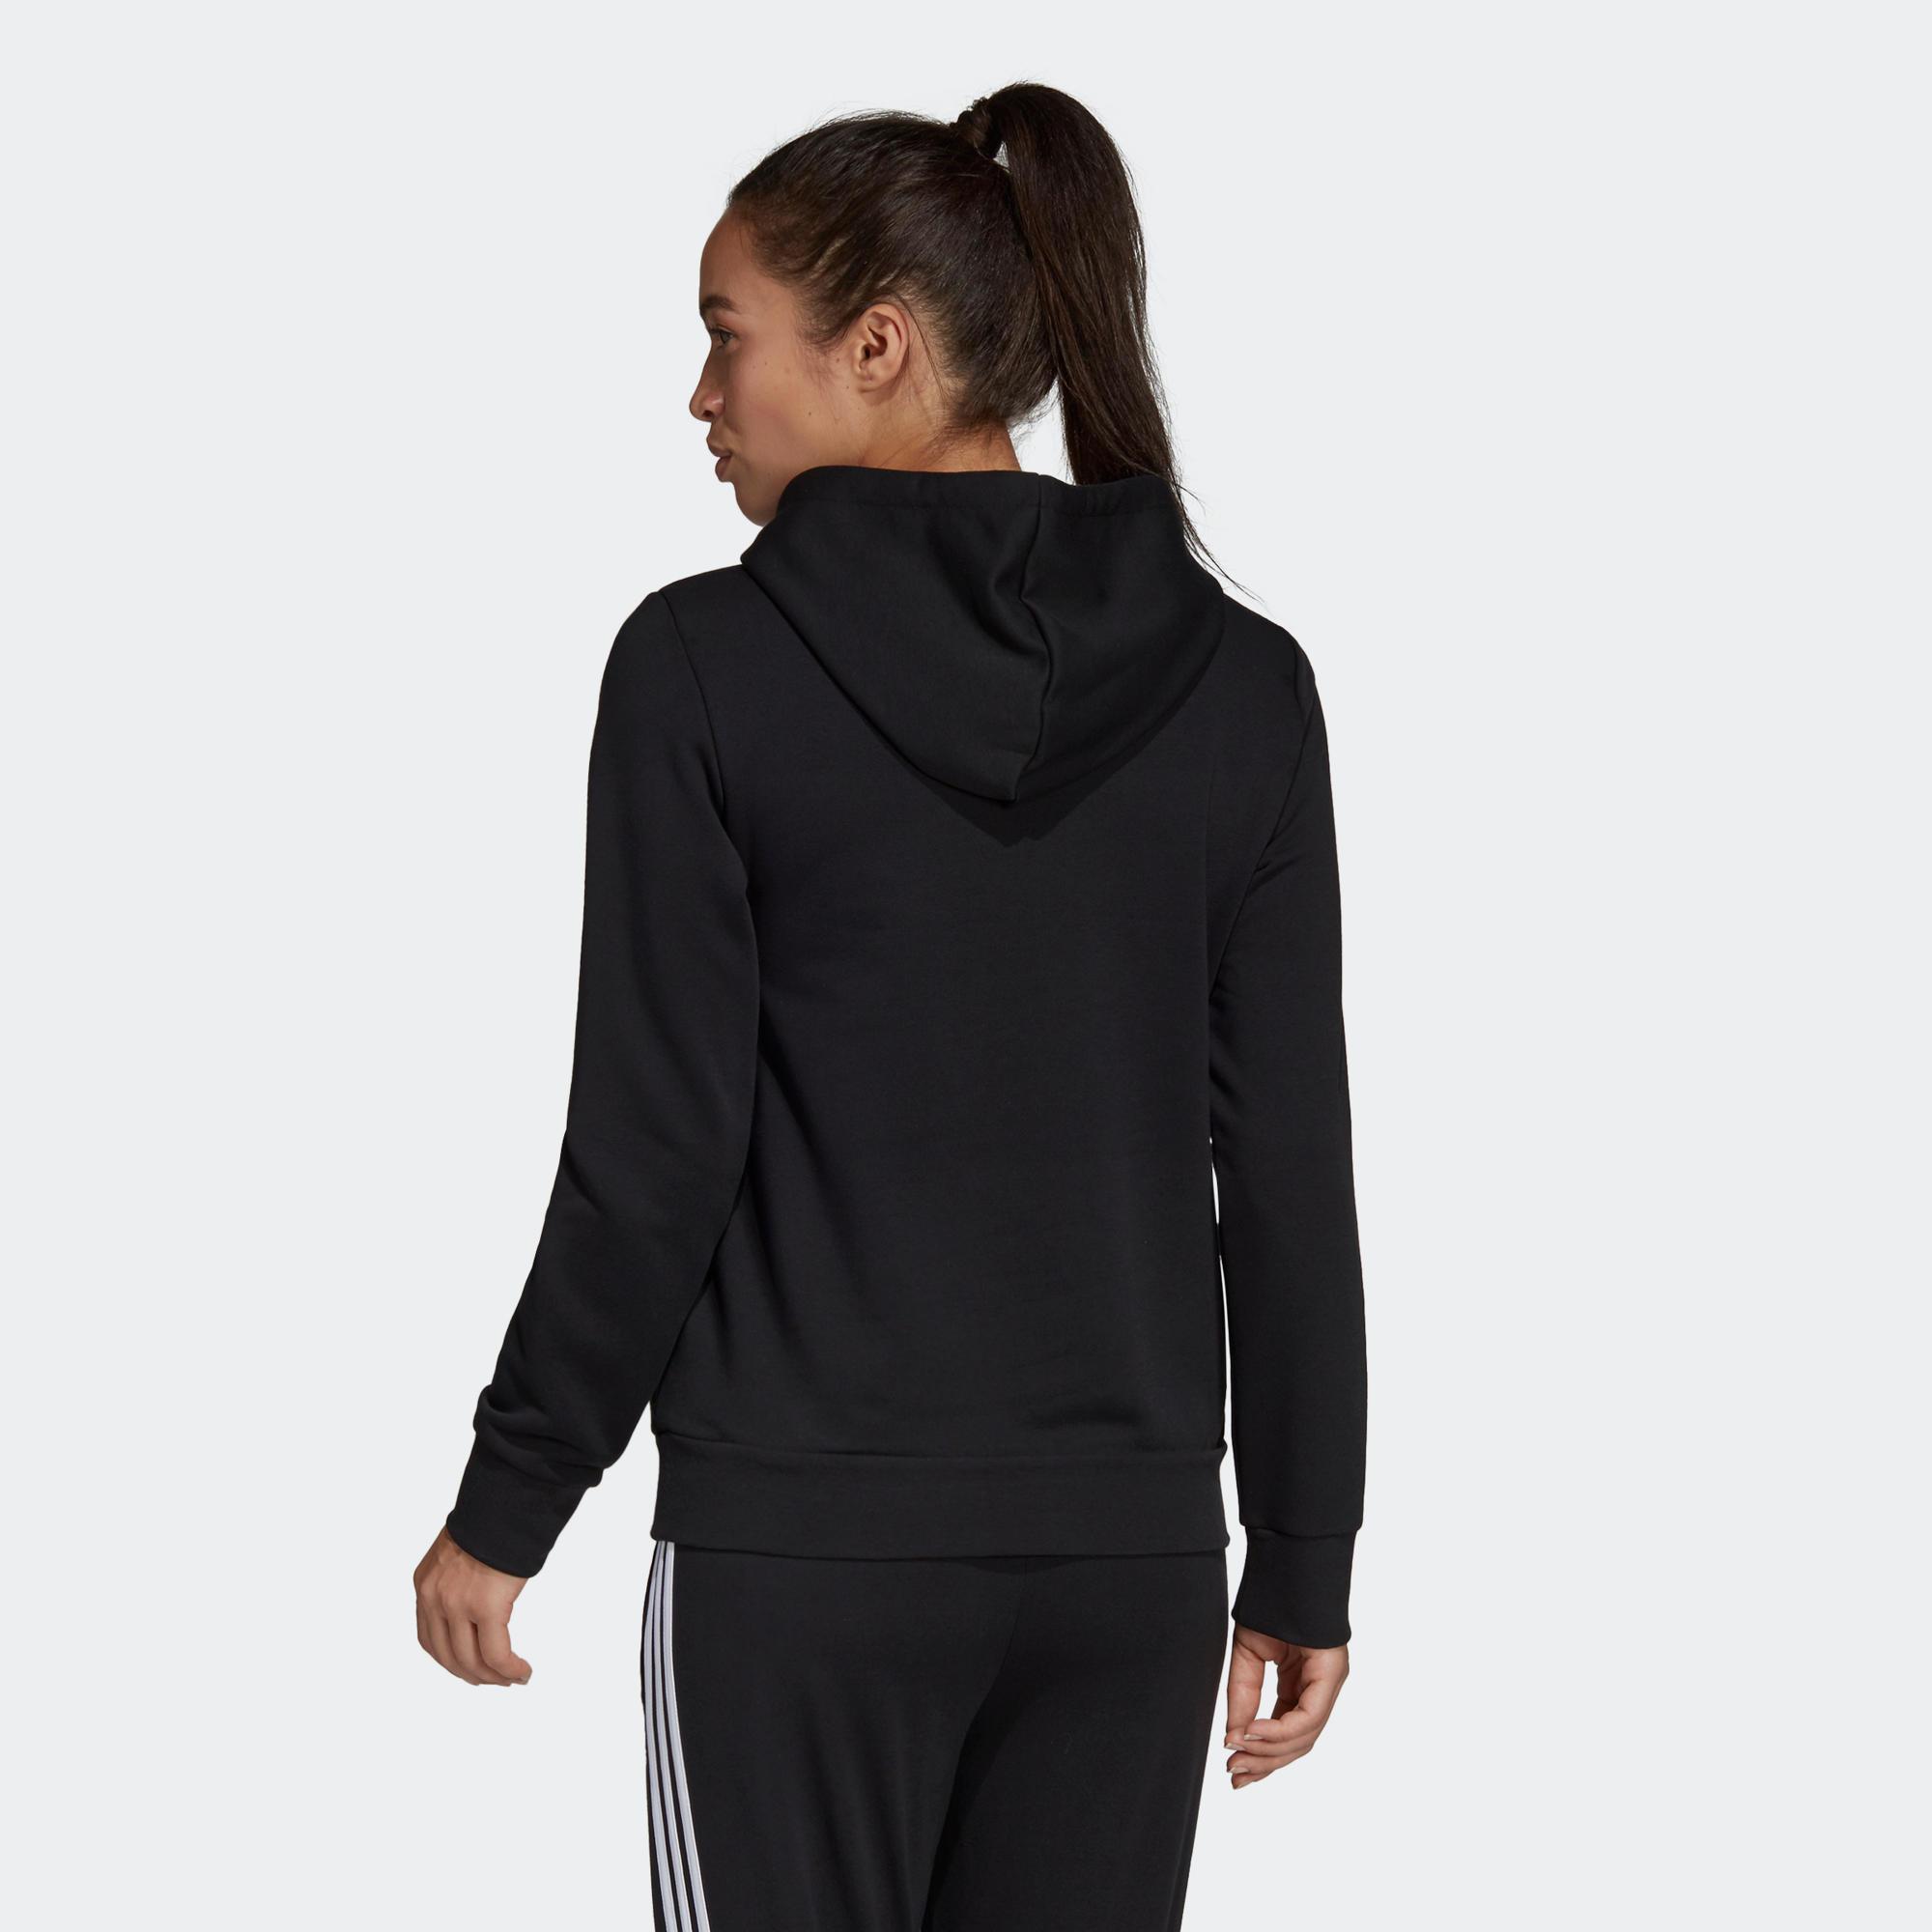 sweat noir adidas femme